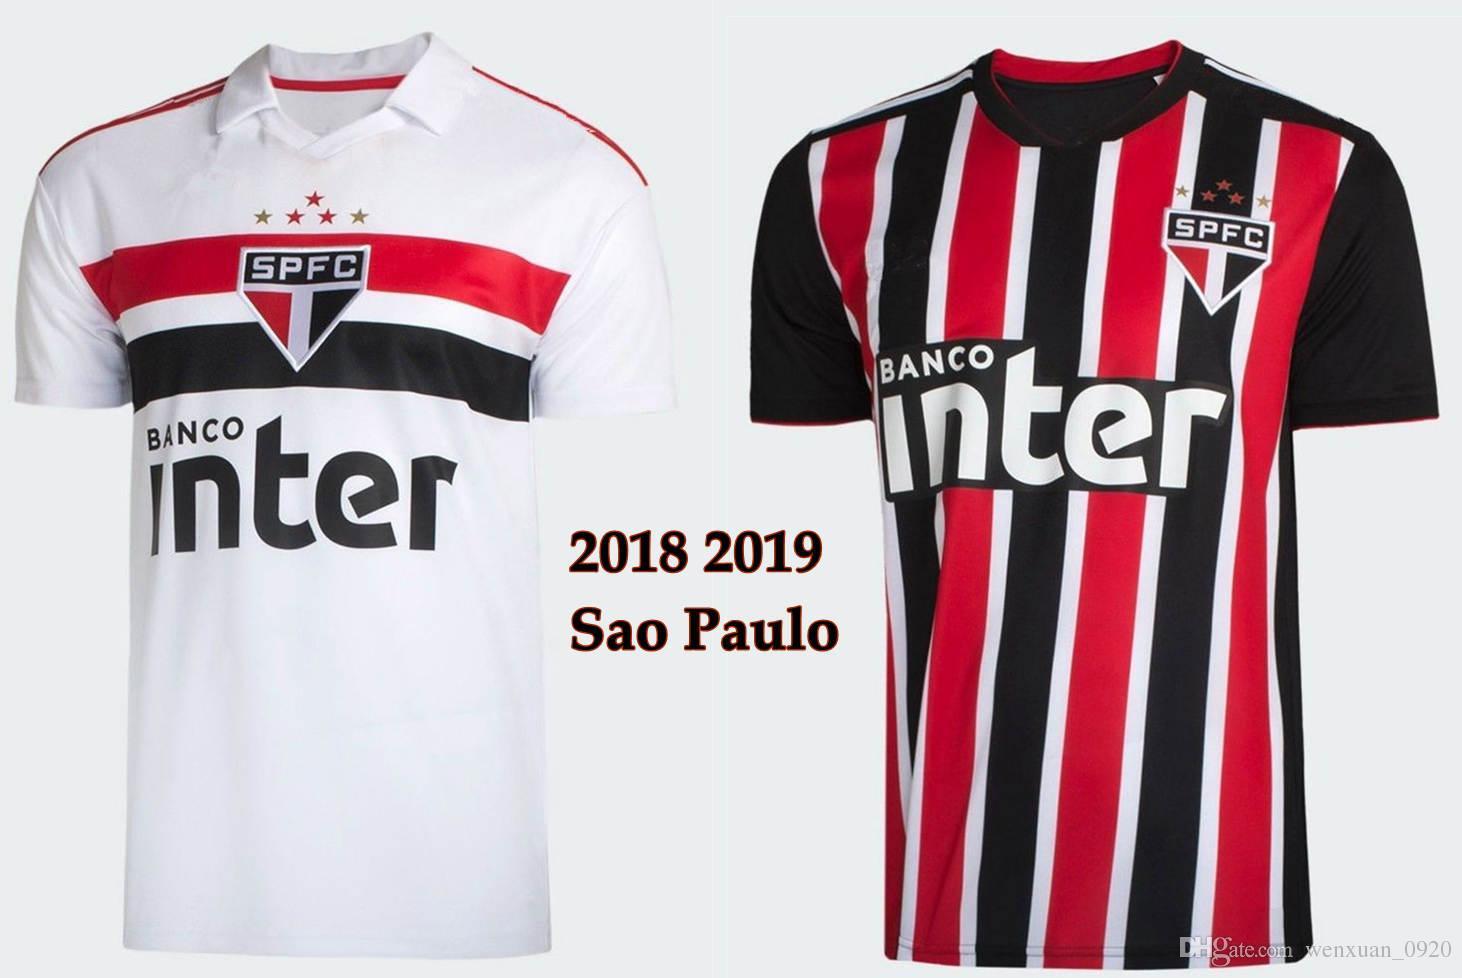 22e9c582f111f Compre 2018 2019 São Paulo Camisas De Futebol Thai Quality Home Away  Camisas 18 19 São Paulo Camisetas Camisas De Futebol De Wenxuan_0920, ...